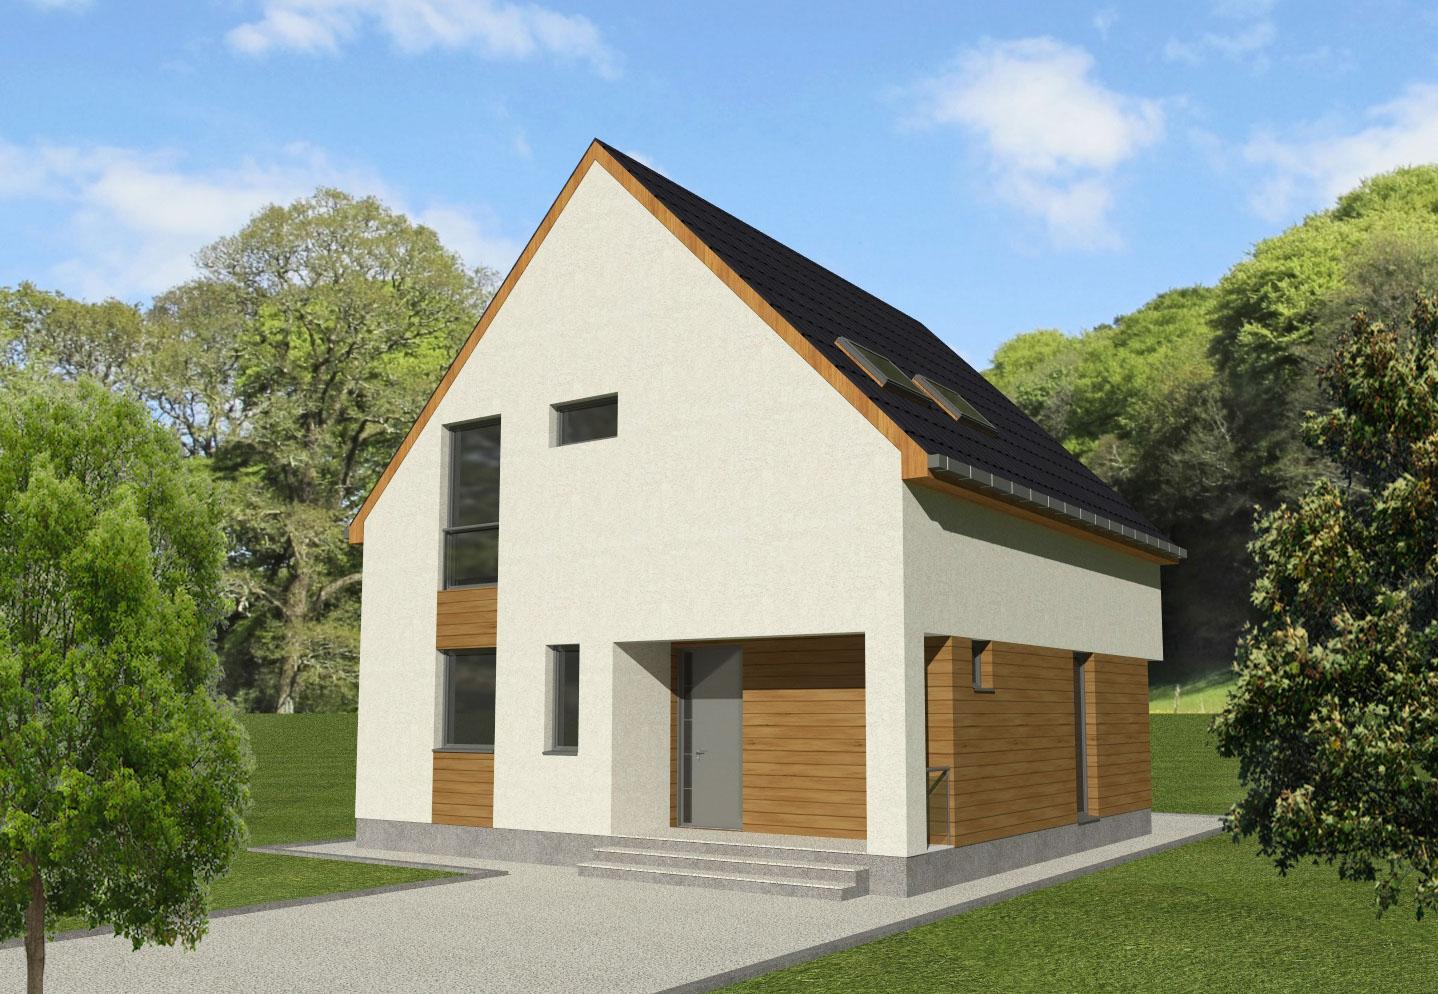 Maison en bois Theodosia